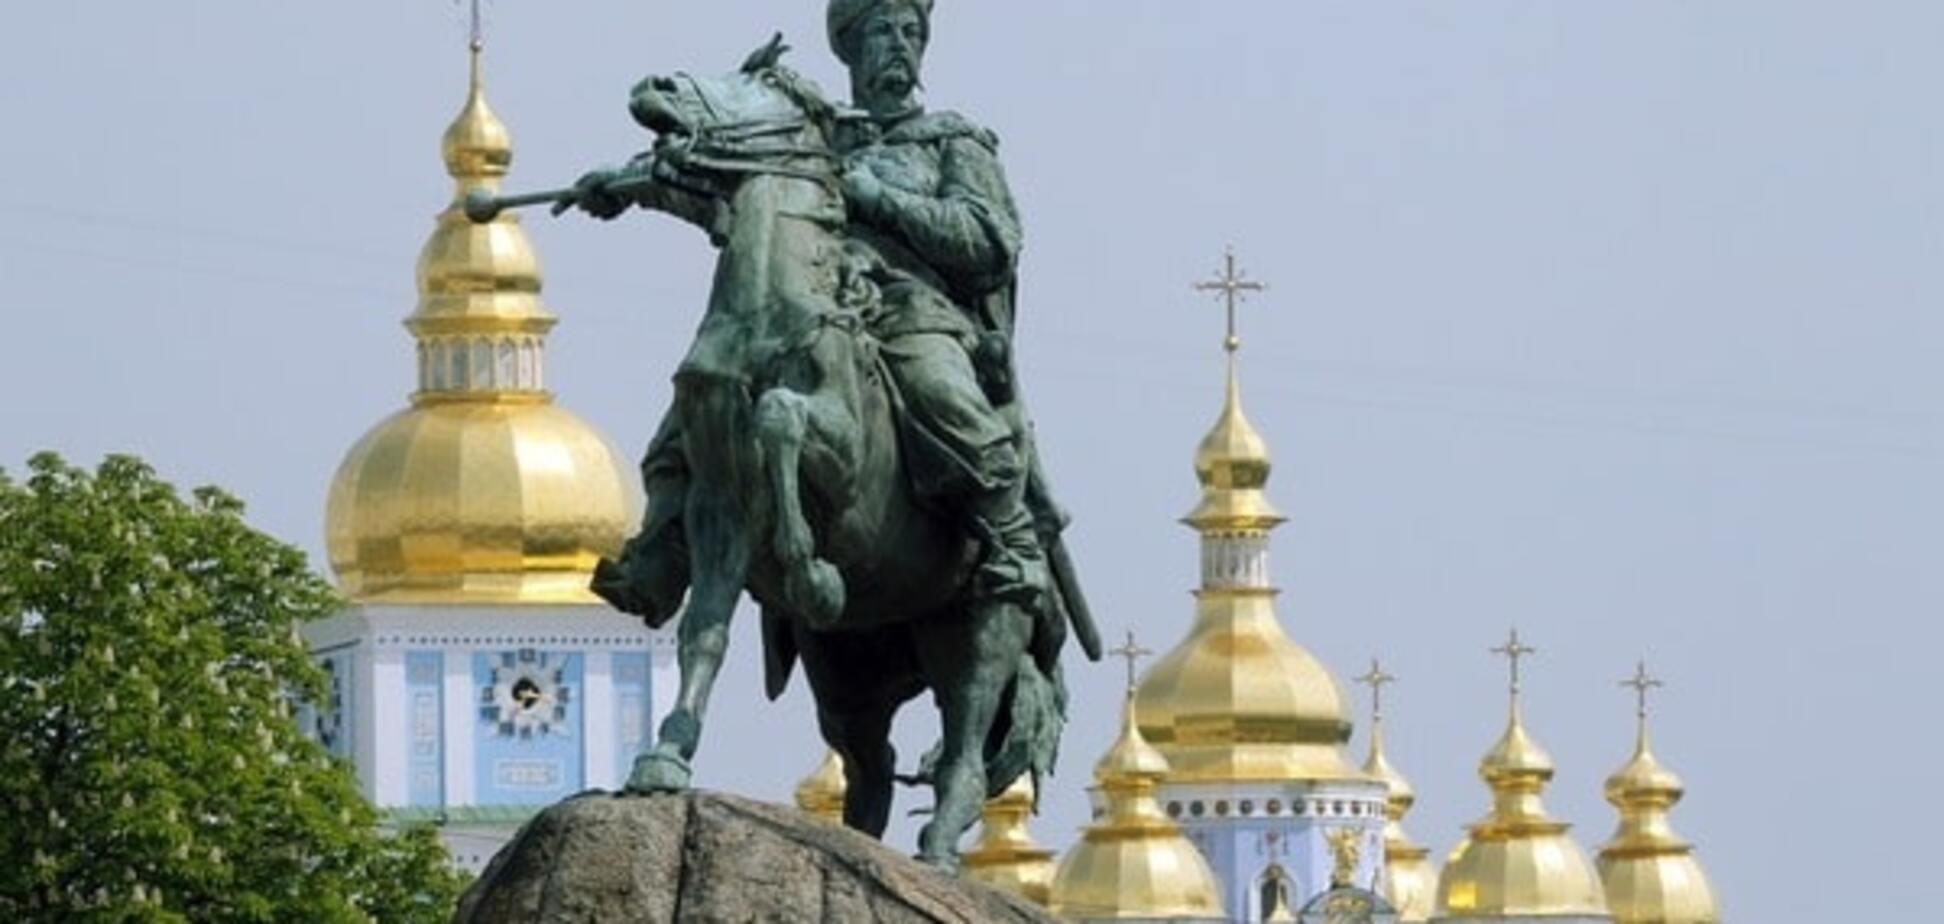 Київська розмова: як поживає українська мова в столиці України